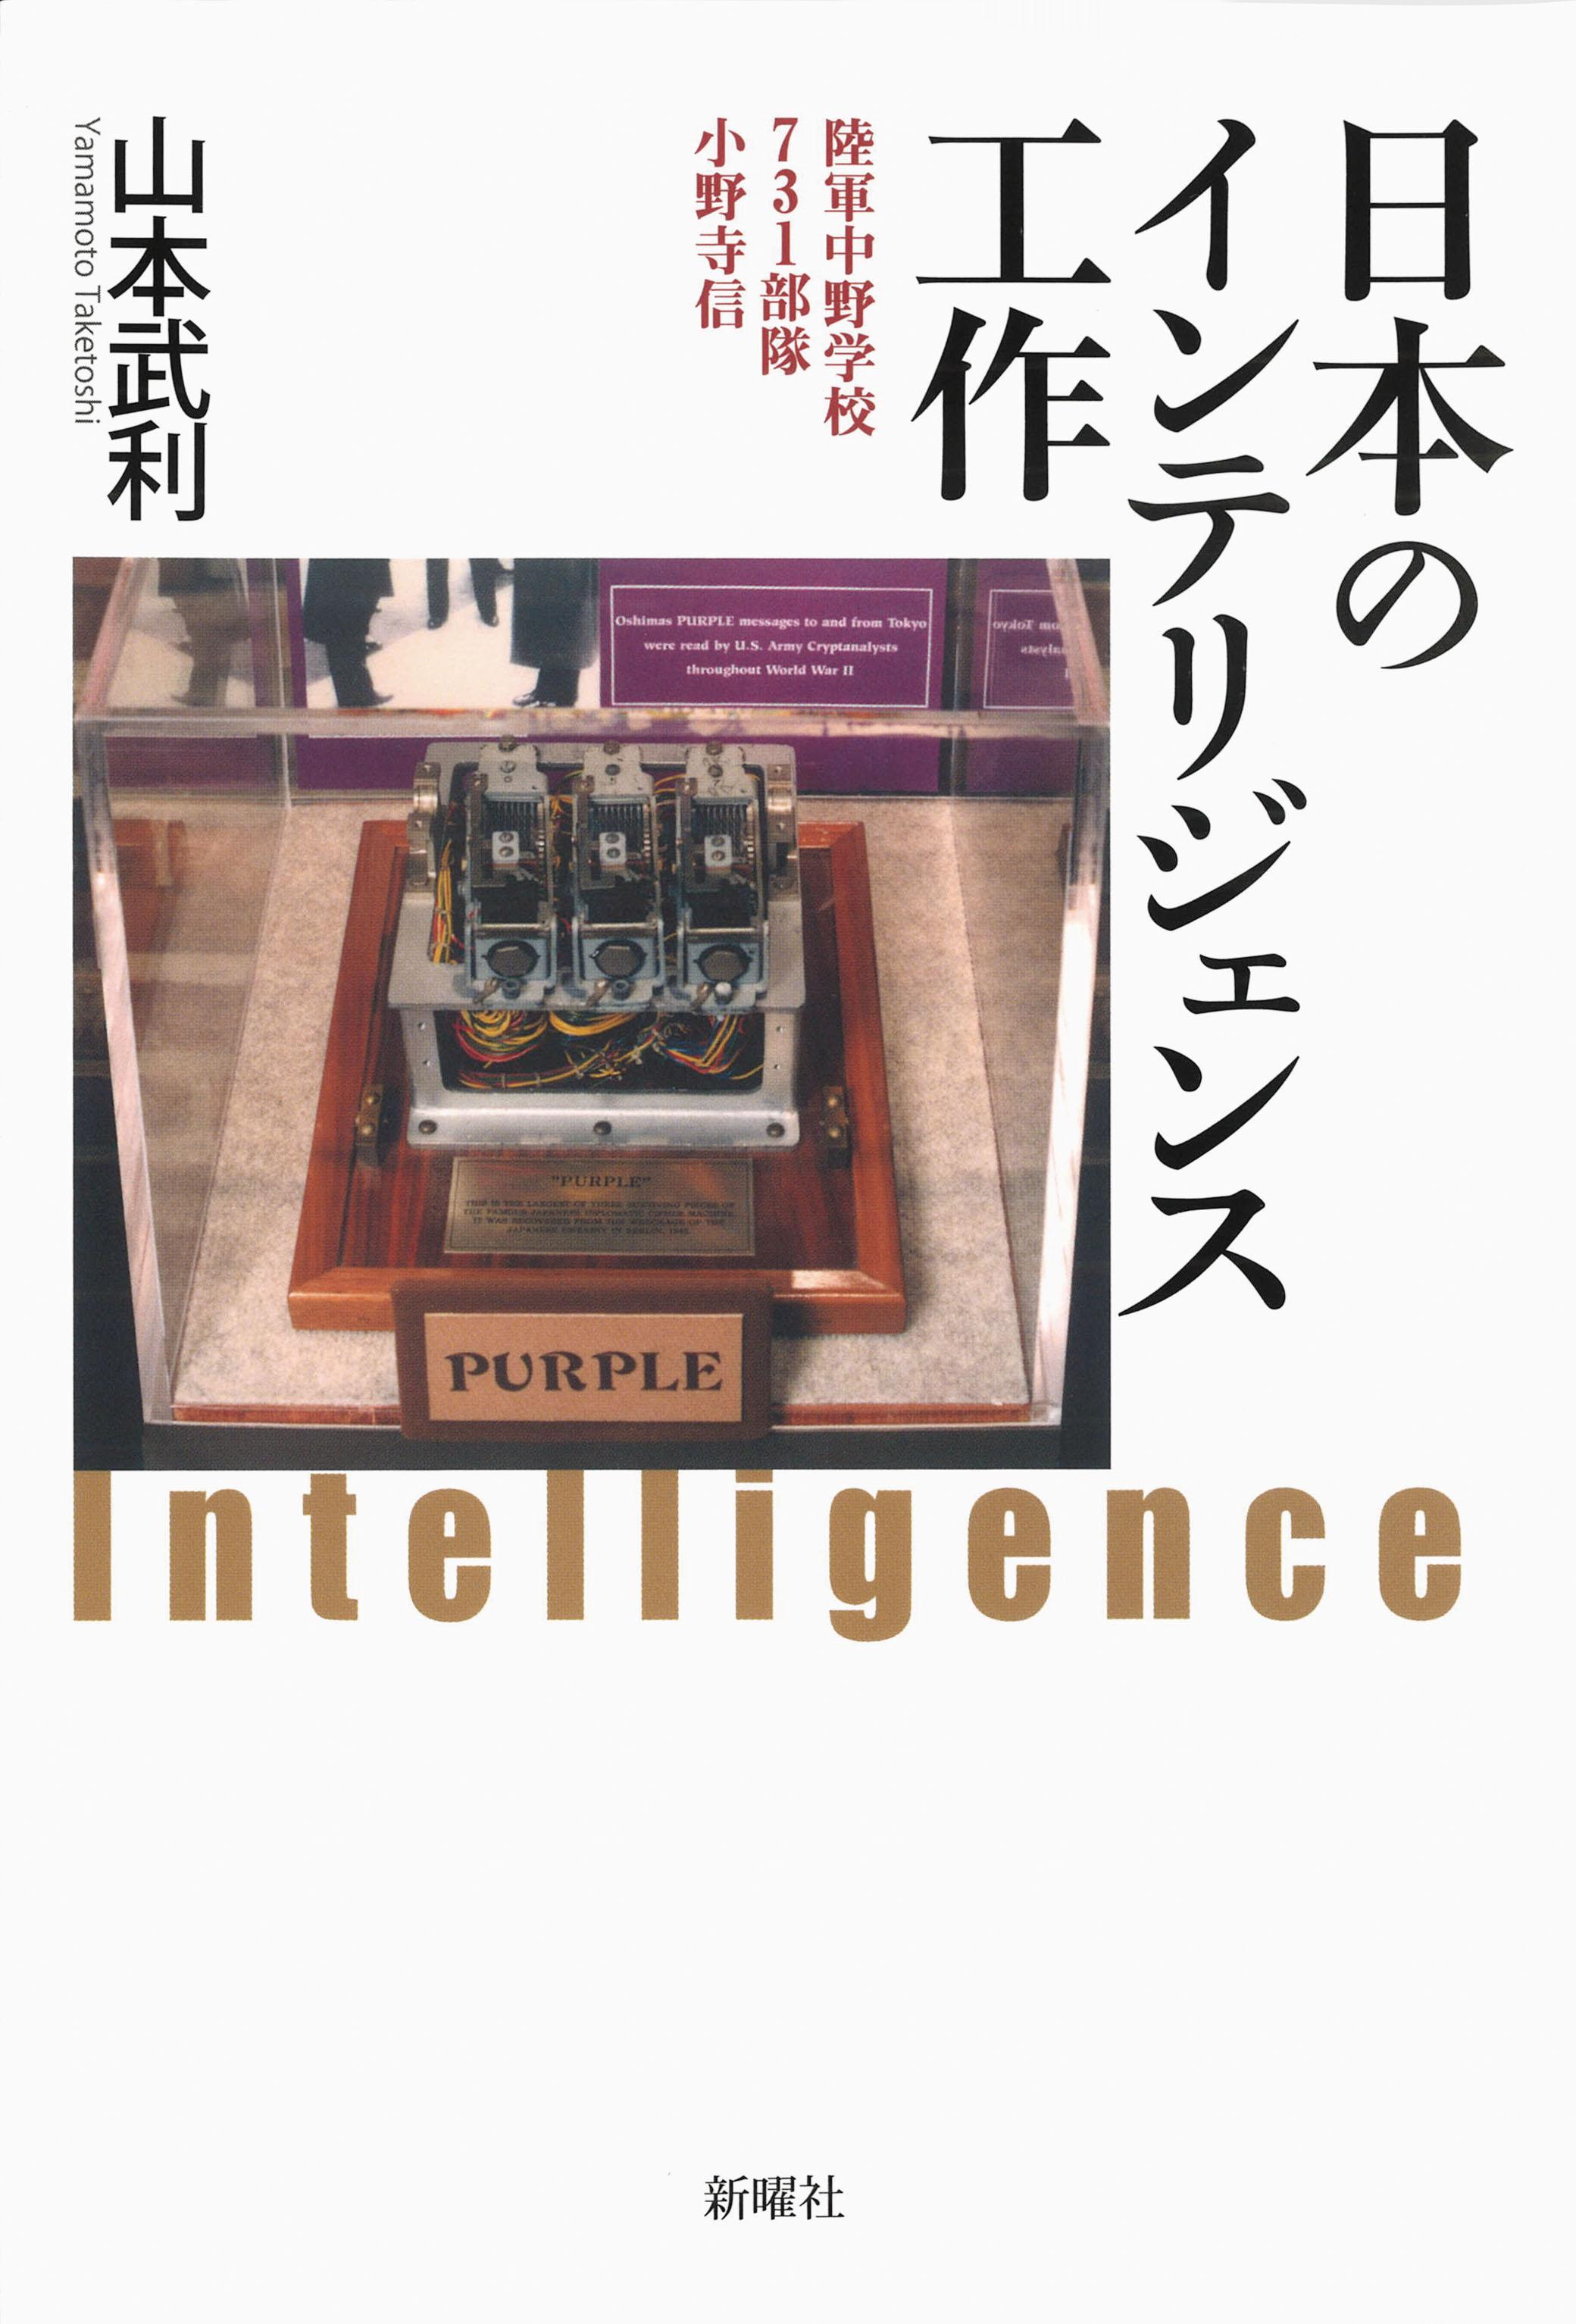 日本のインテリジェンス工作<br>陸軍中野学校、731部隊、 小野寺信